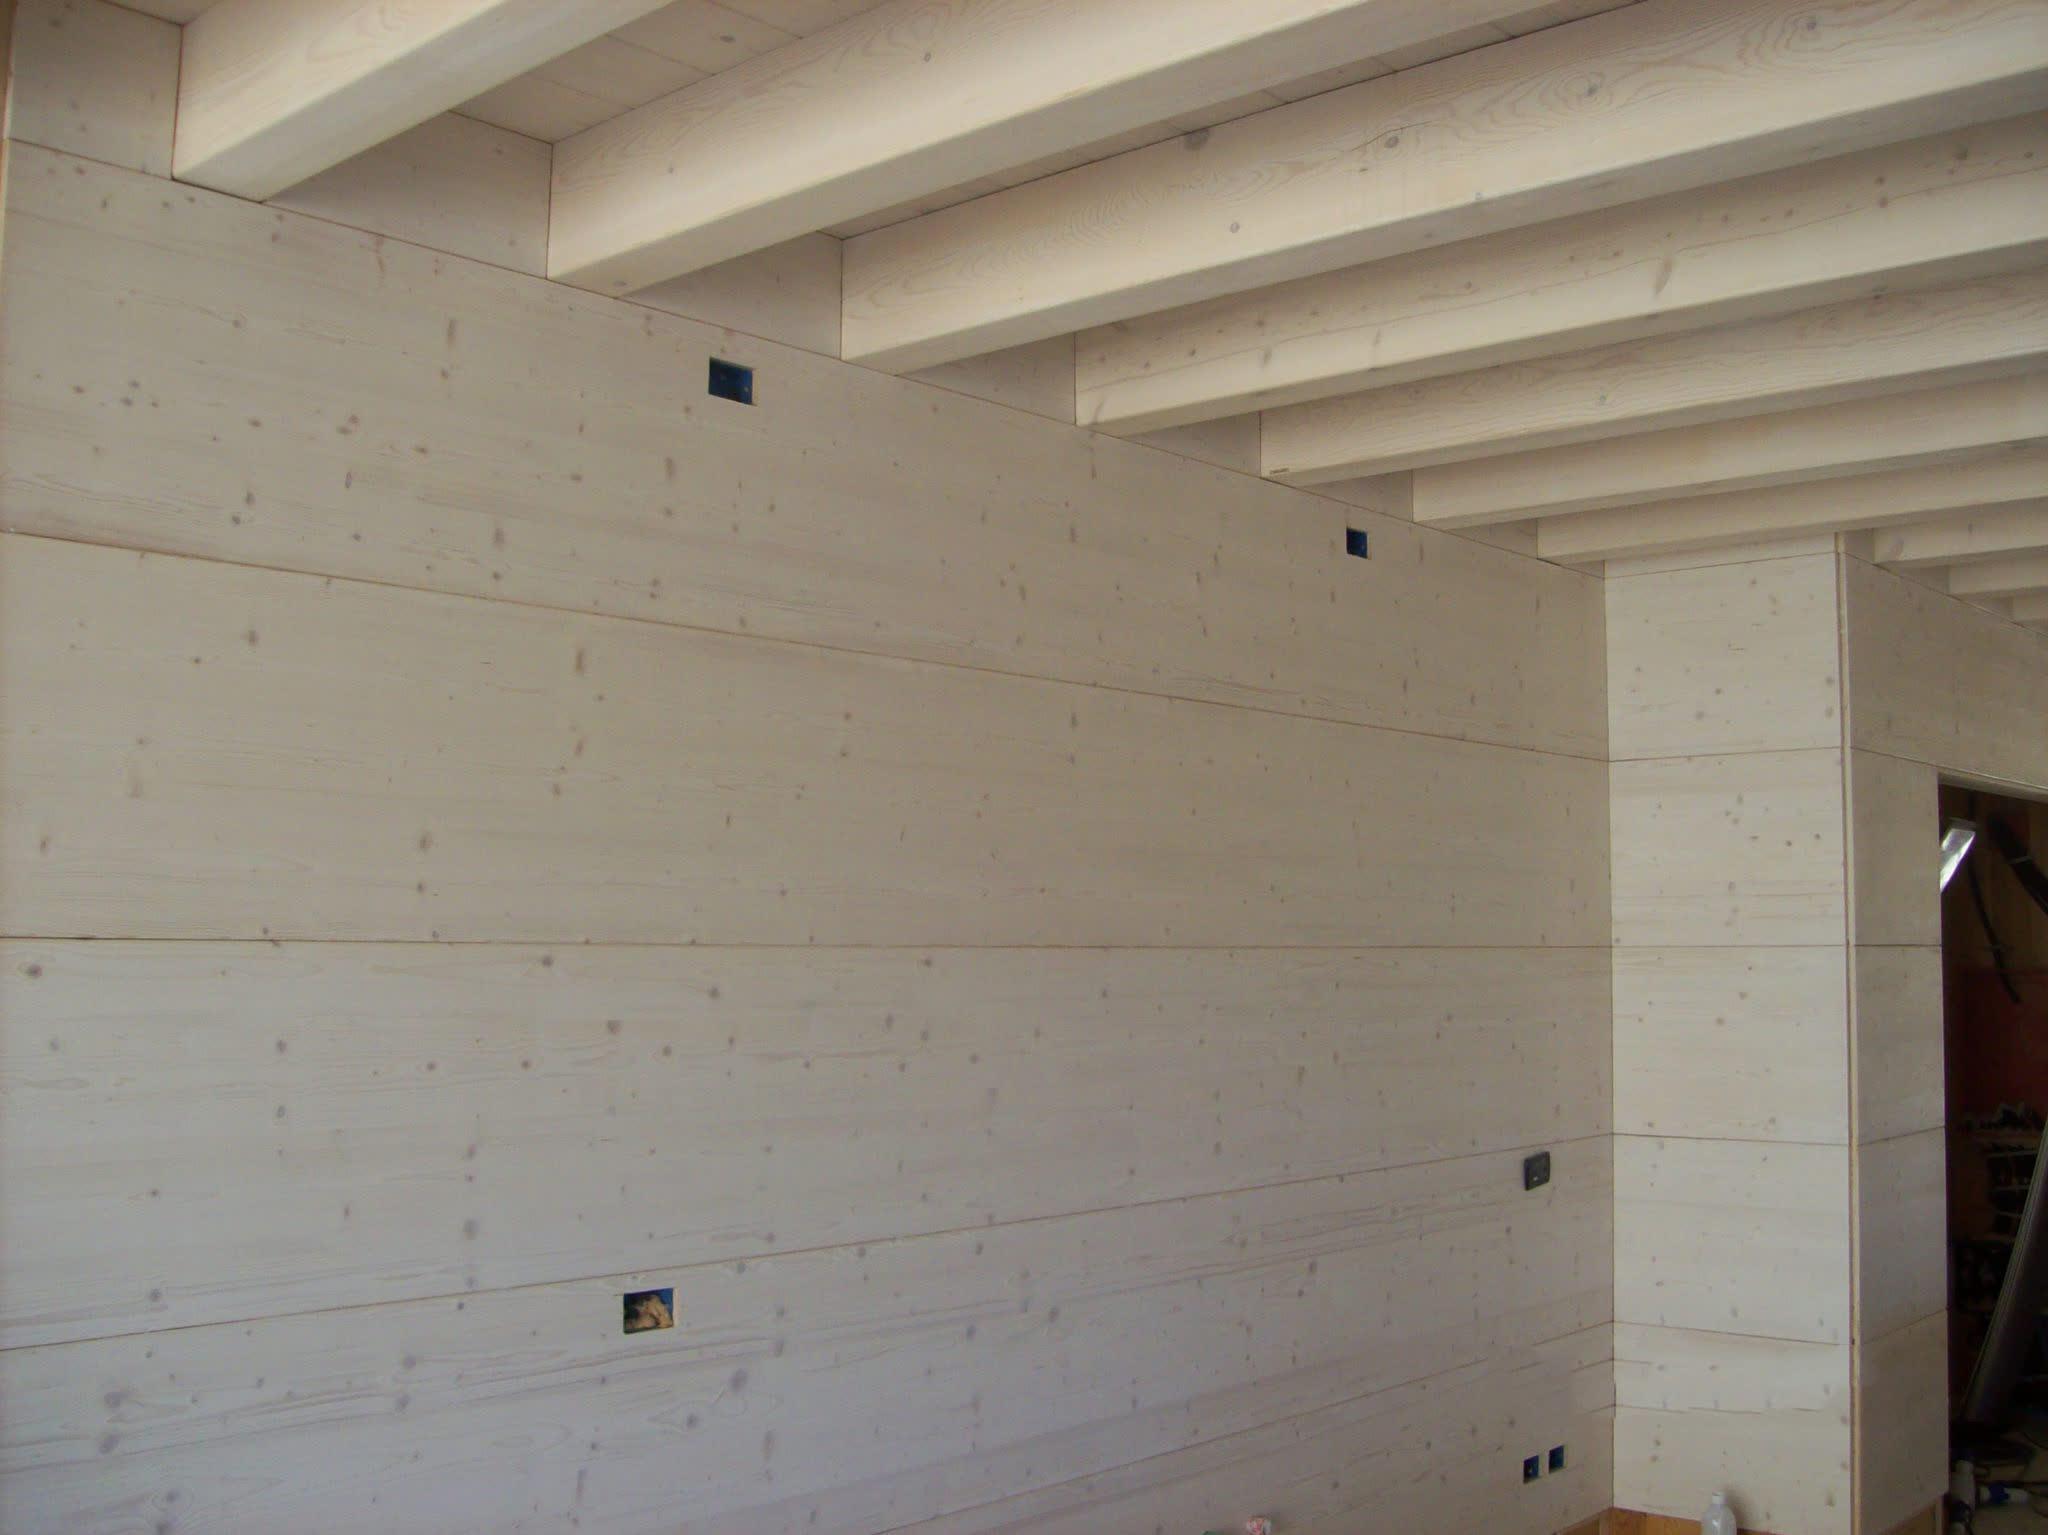 Parete rivestita legno arredare la camera da letto di design speciale in stili rivestimenti - Rivestire parete con legno ...